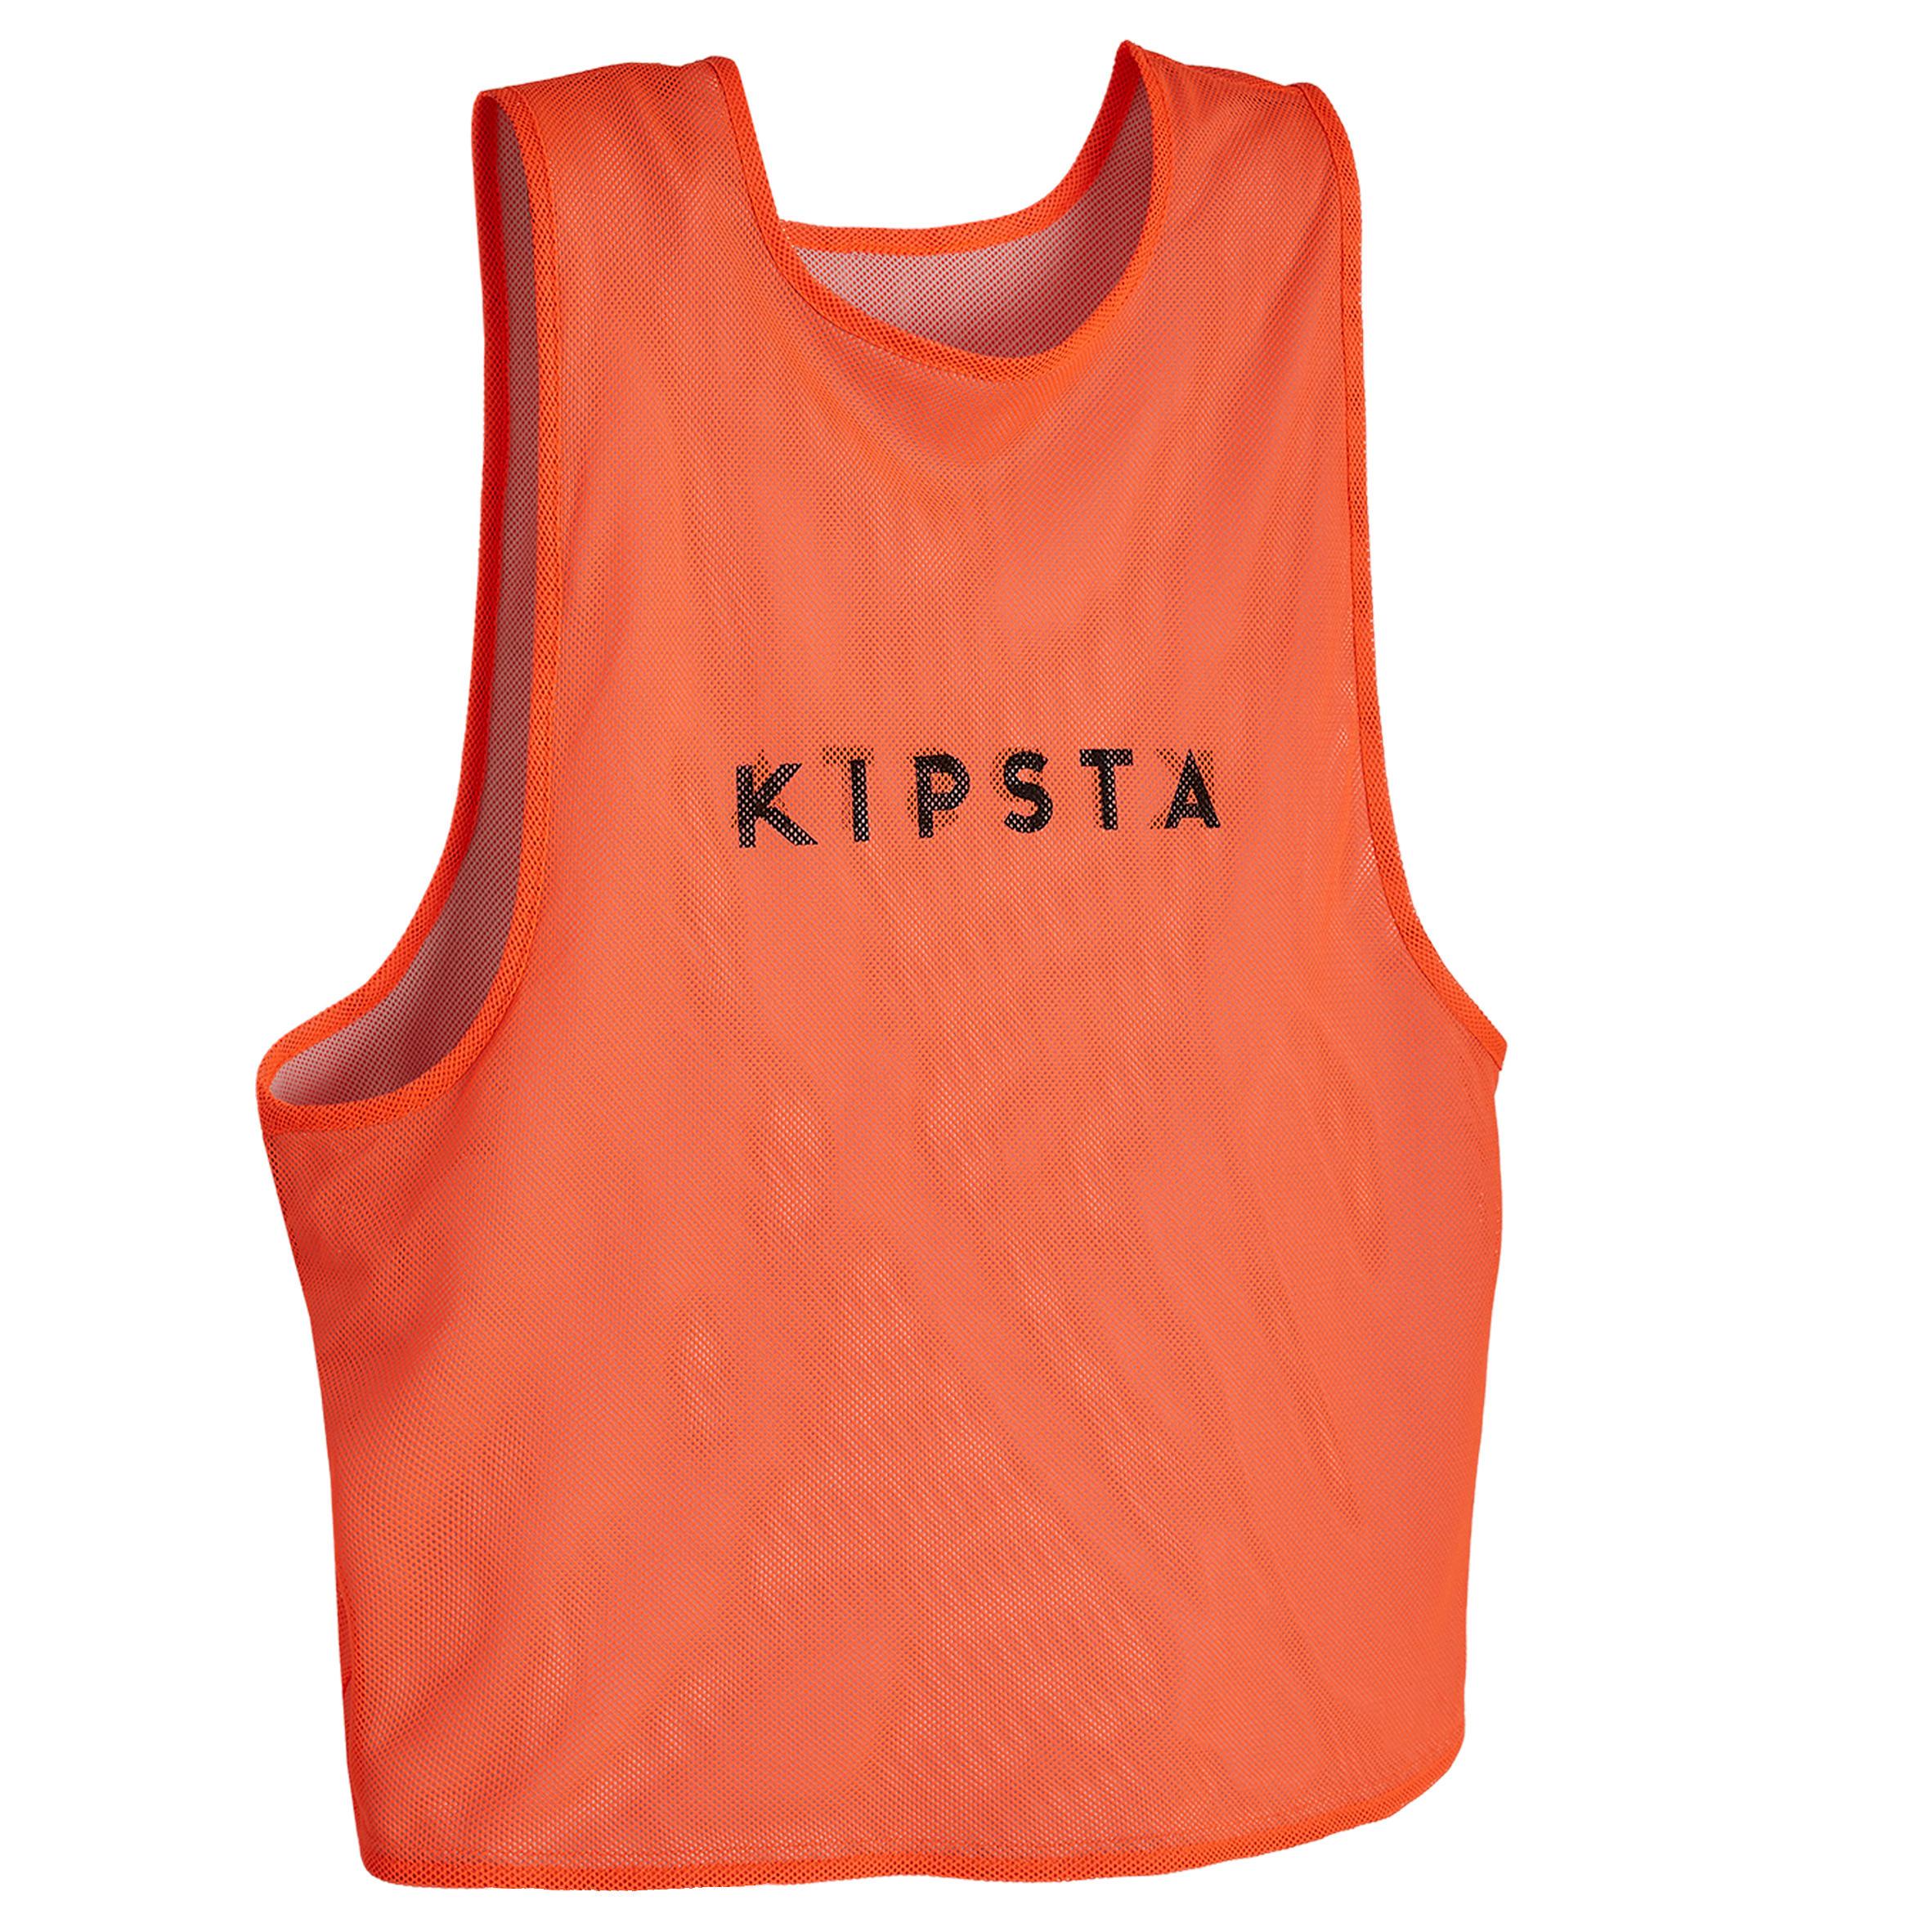 Damen,Herren Trainingsleibchen wendbar Erwachsene orange grau | 03583788037453